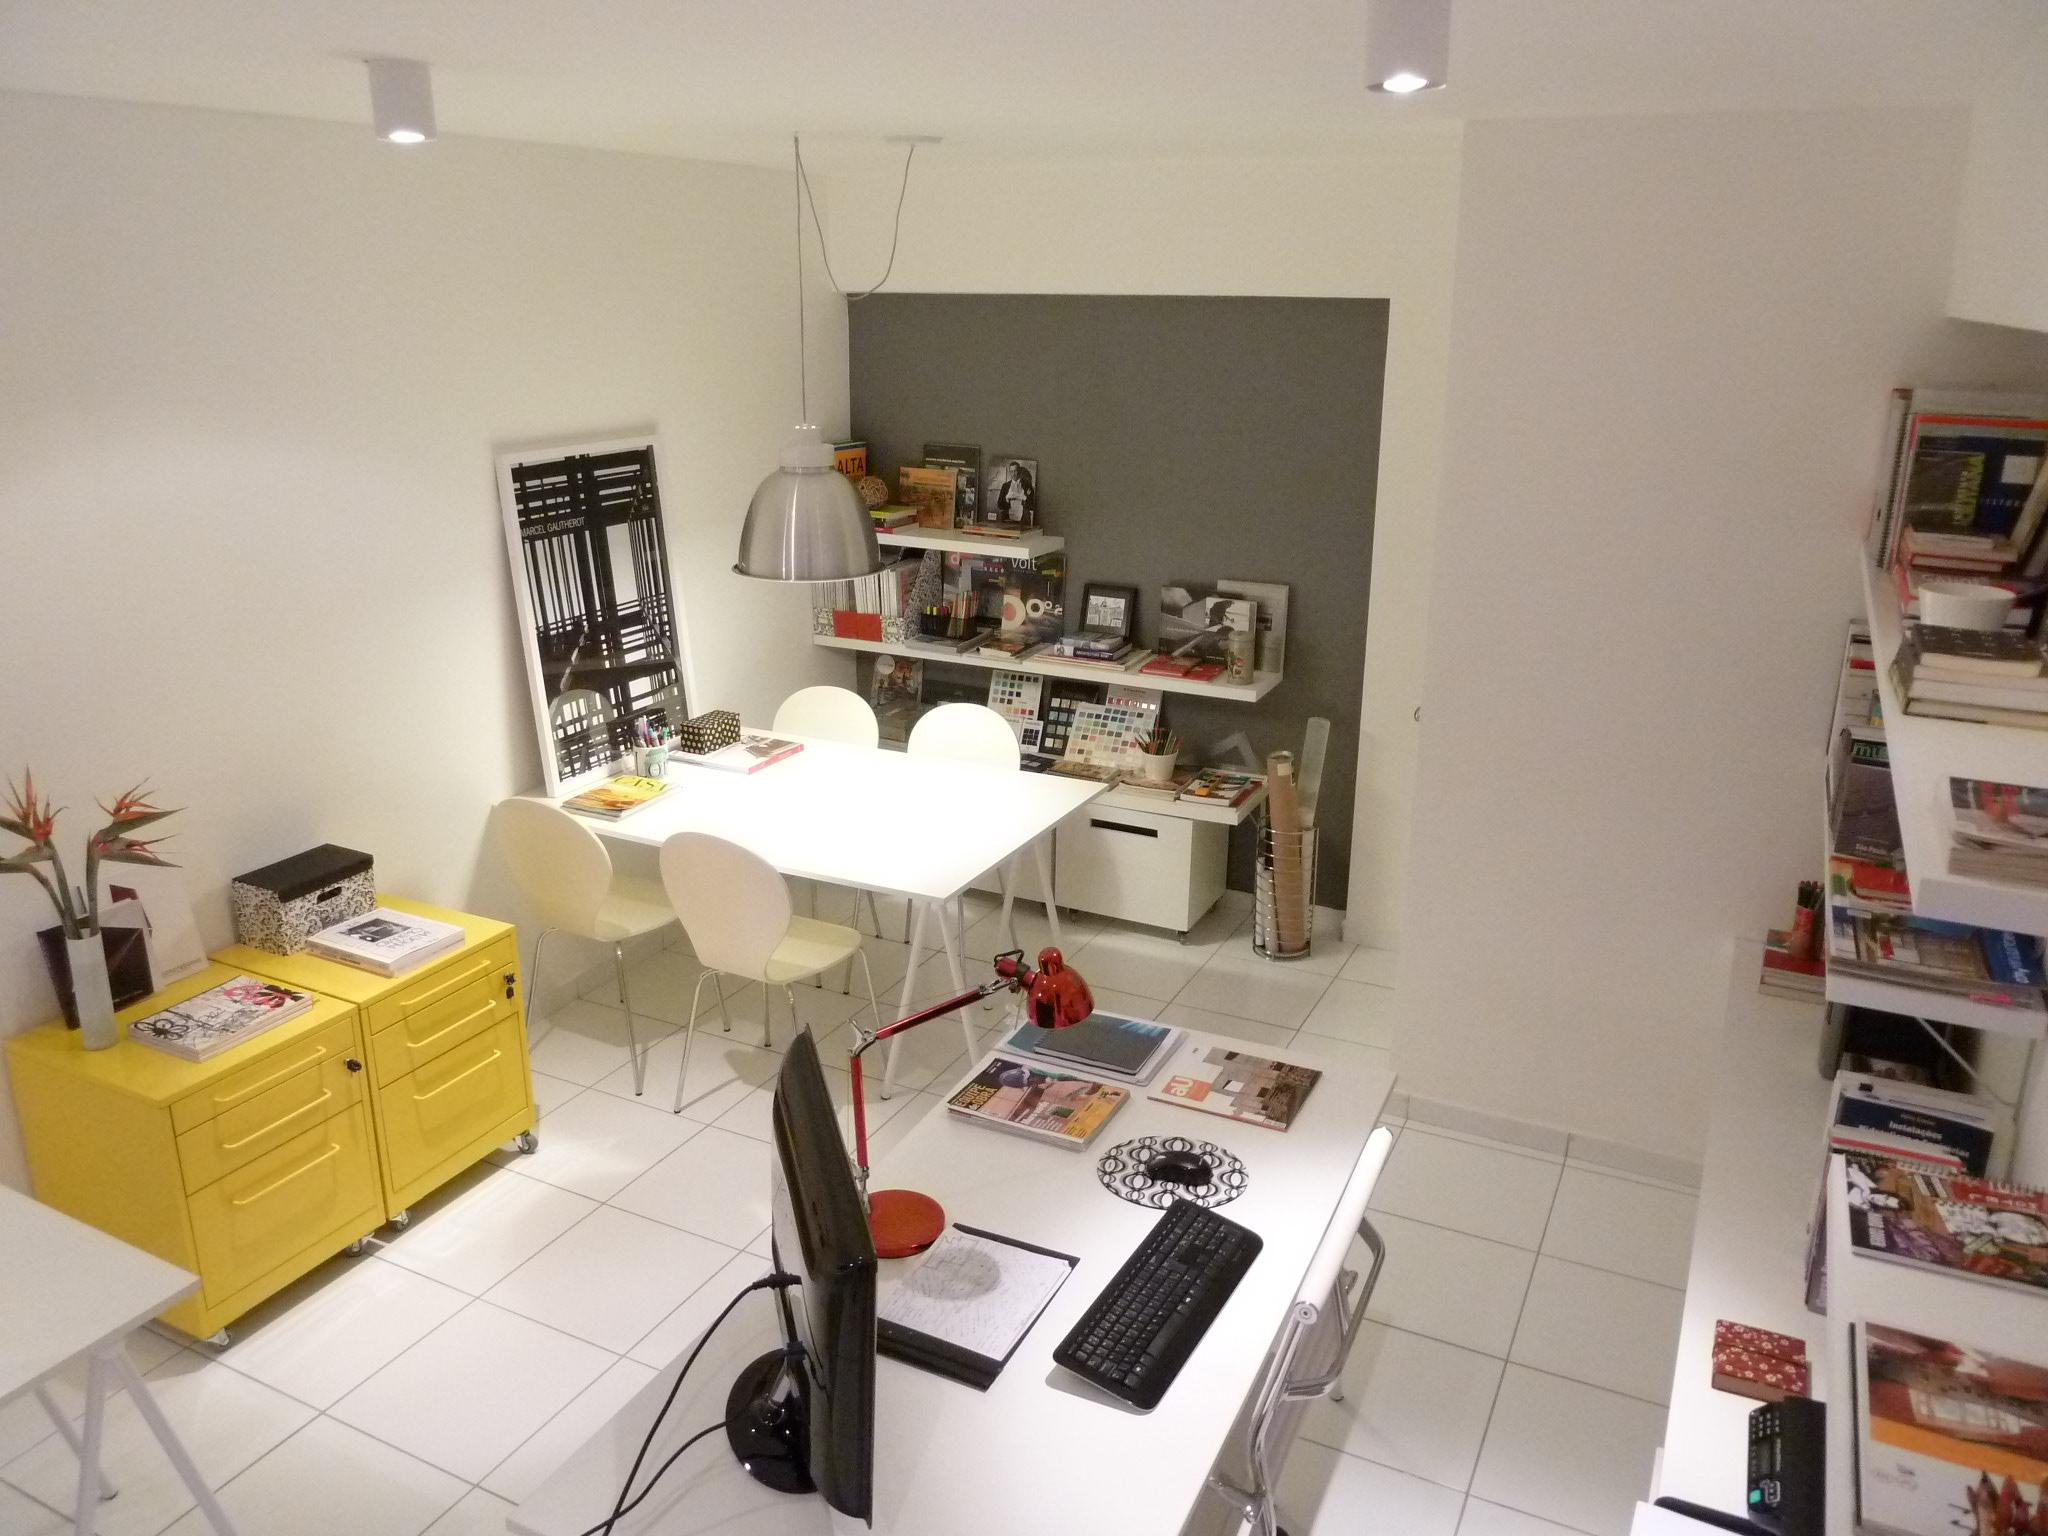 Manual de como montar escritório de arquitetura!